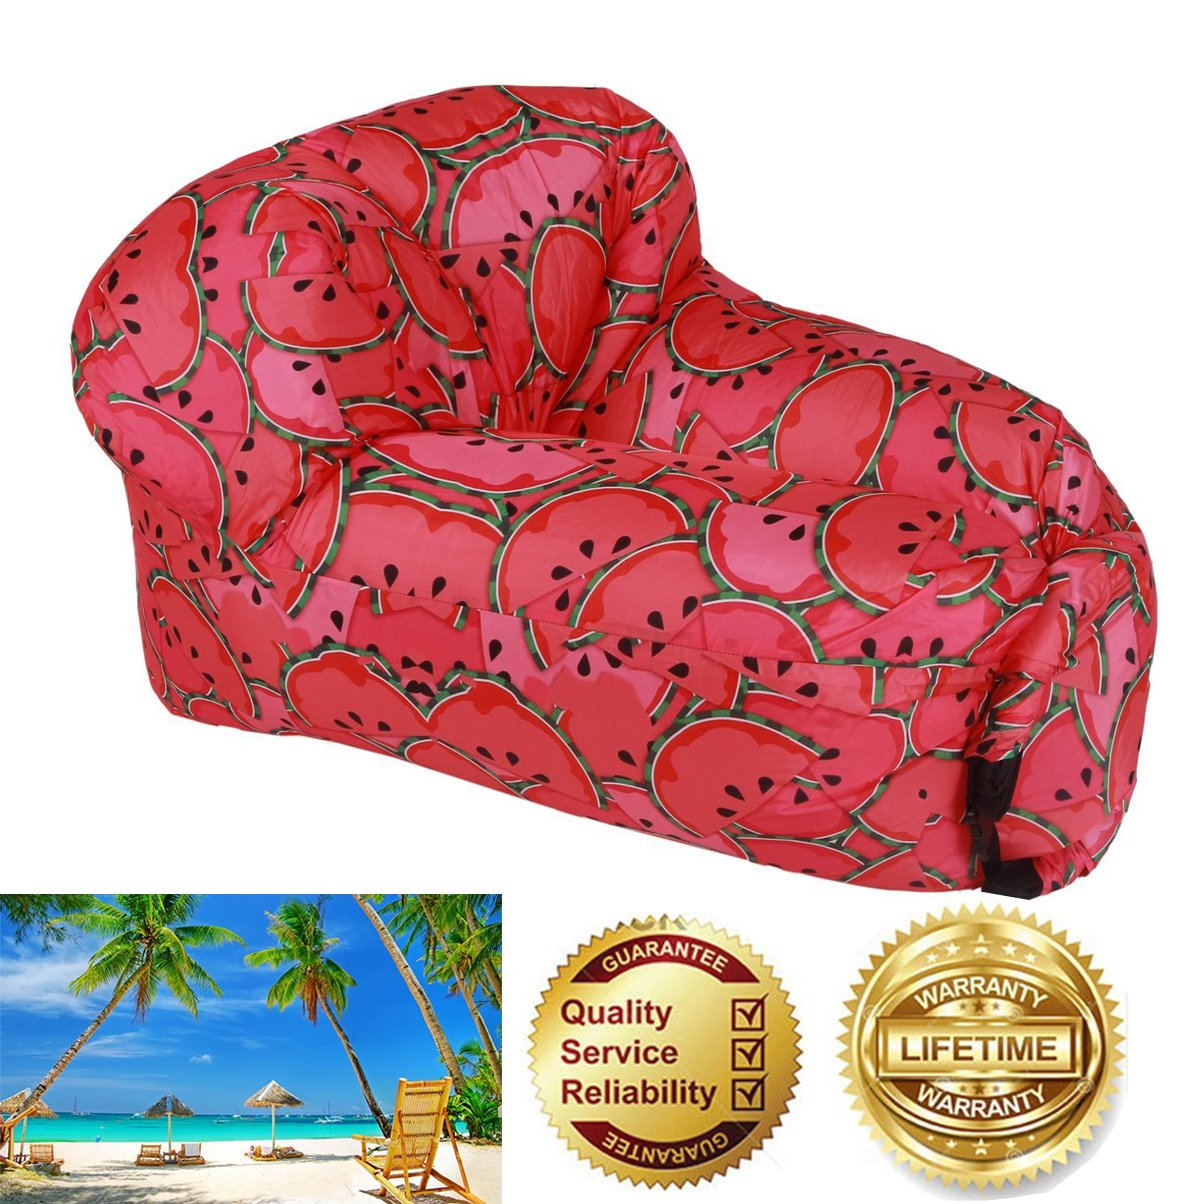 Inflatable Lounger Air Sofa Hammock for Children toハワイアンビーチ& Pool Partyまたはポータブルインフレータブルラウンジチェアキャンプ& Festival B07C92R38L スイカ スイカ